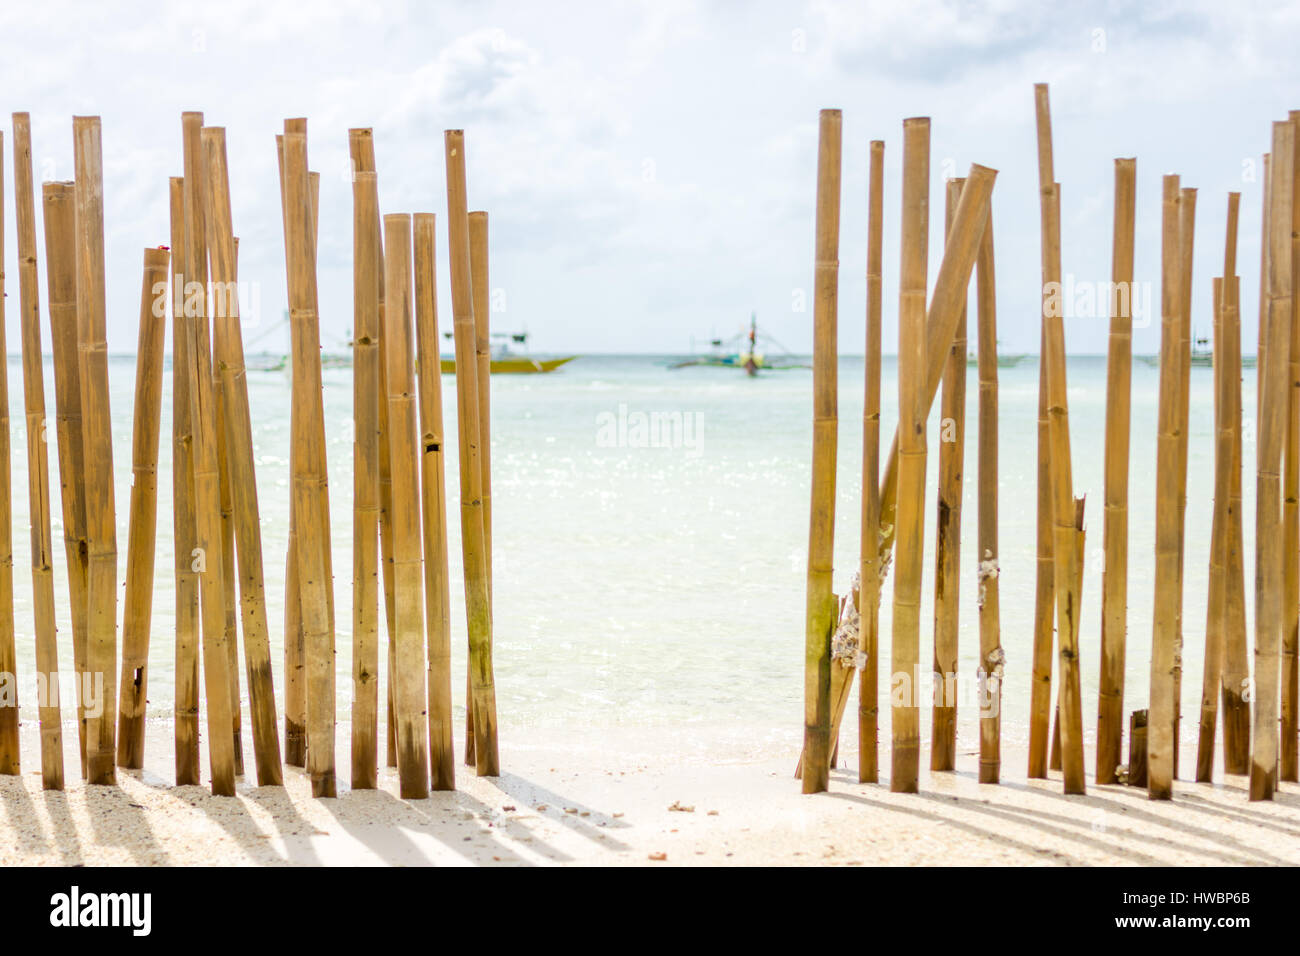 blick durch ein bambuszaun pol barriere in eine tropeninsel weißen